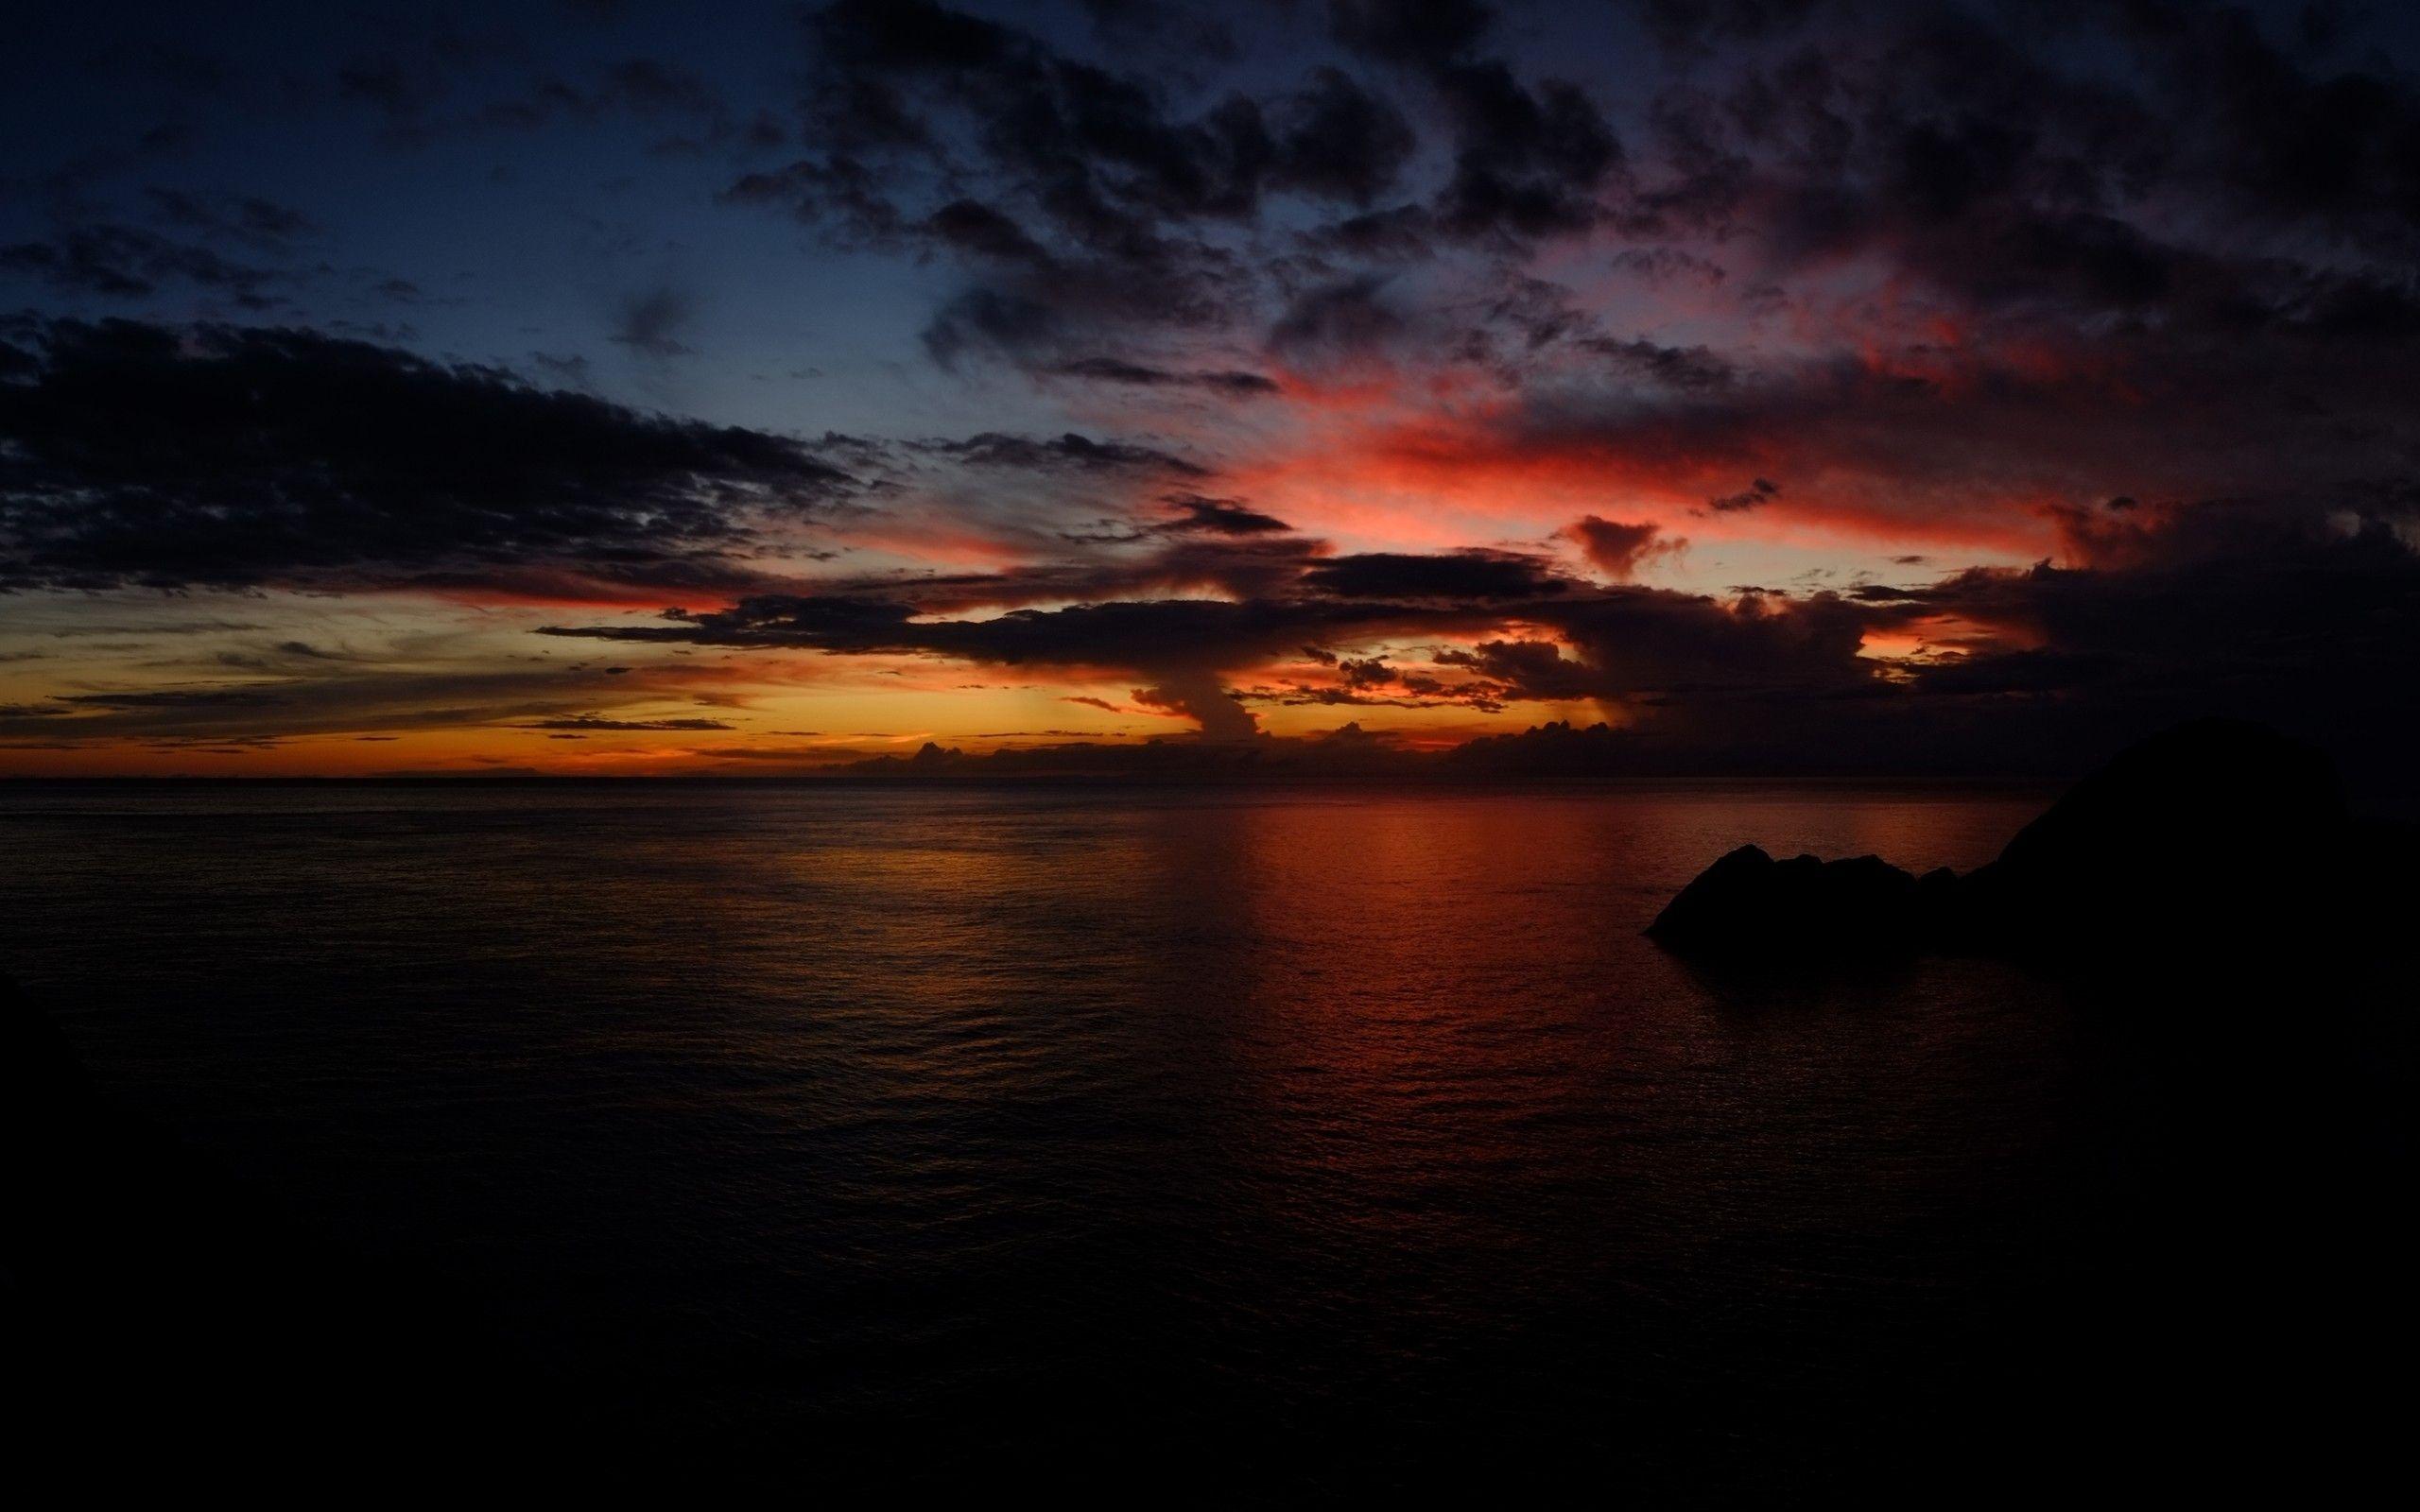 Dark Ocean Wallpaper Full Hd Ctz Dark Landscape Ocean Wallpaper Sunset Wallpaper